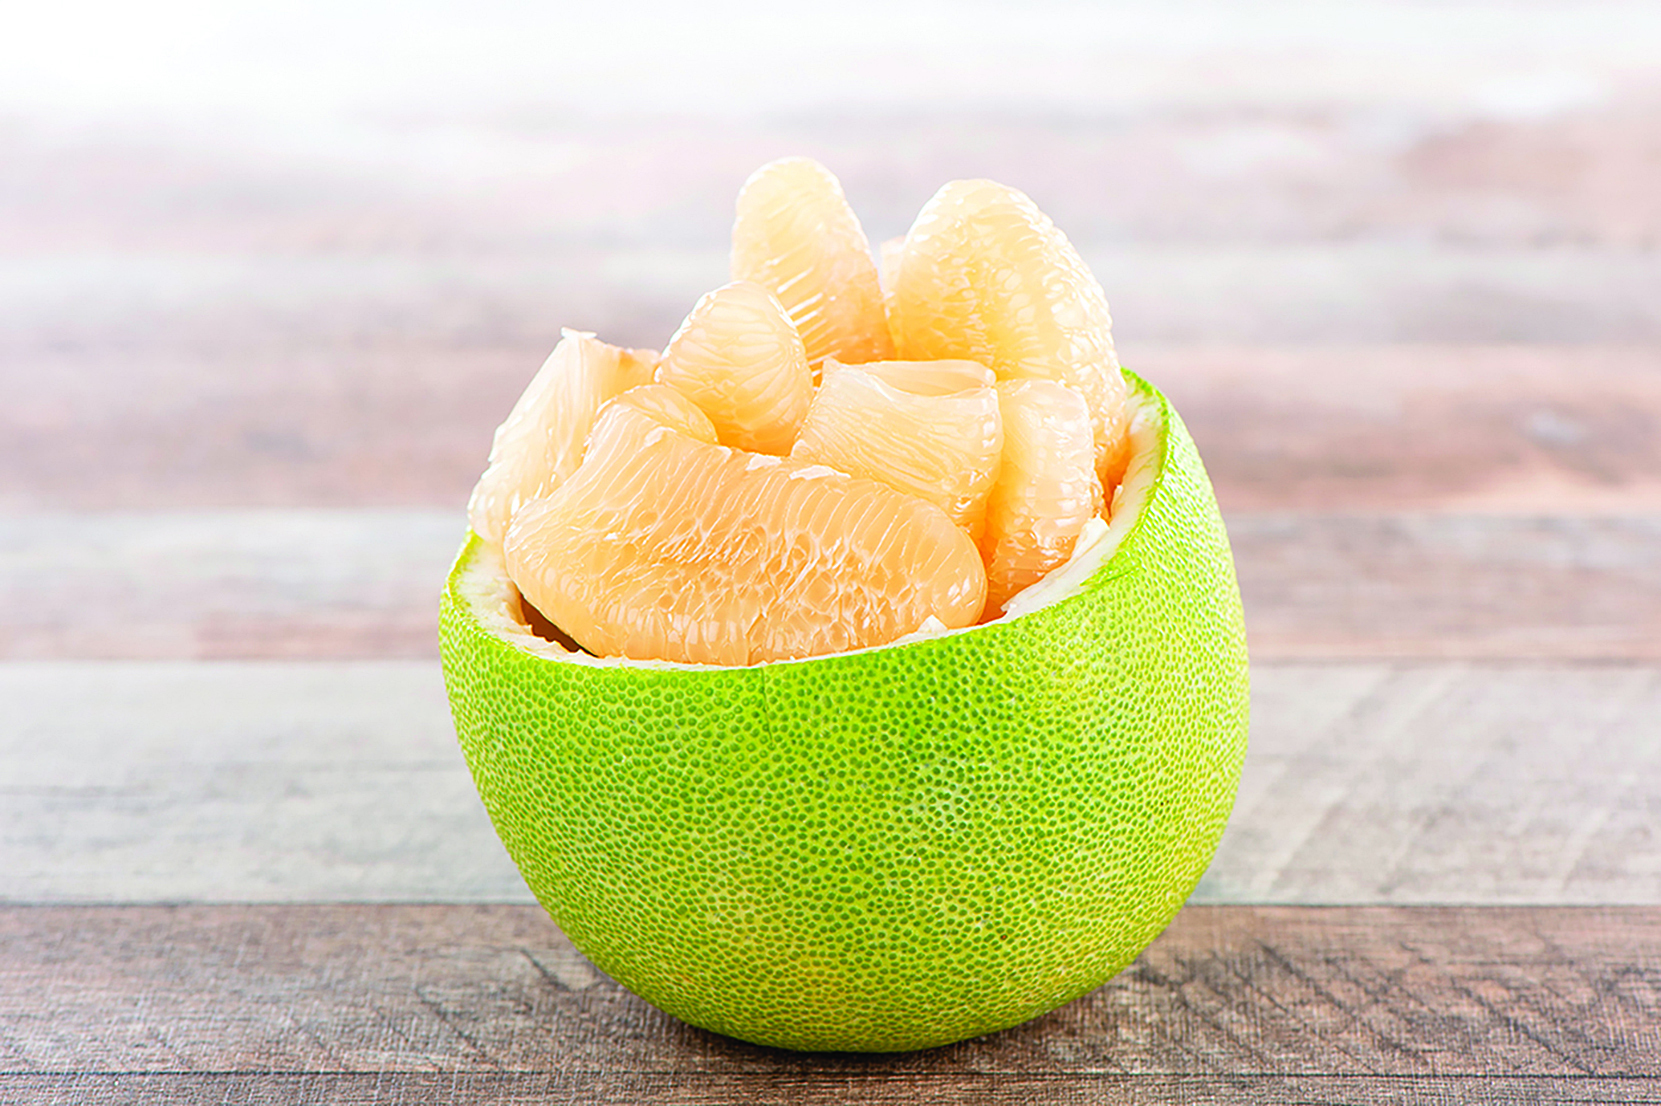 柚子不僅果肉好吃,柚子皮曬乾後還可以當天然蚊香使用。